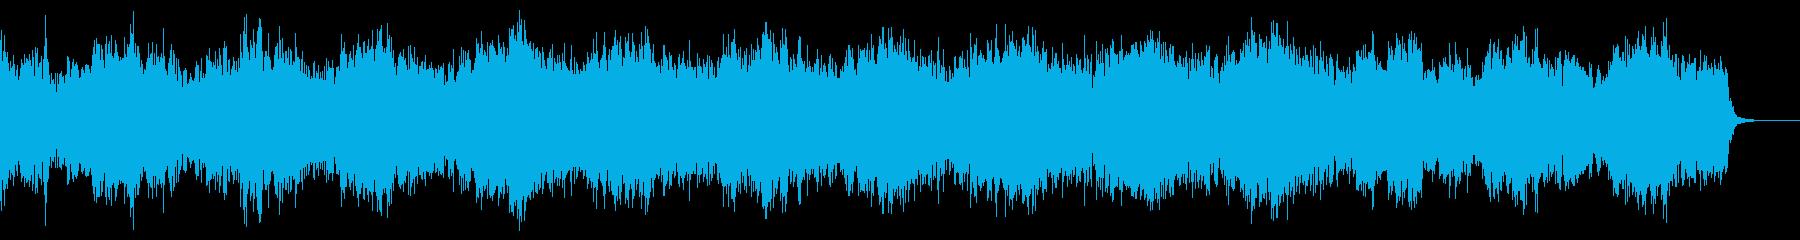 効果音、 電流②の再生済みの波形